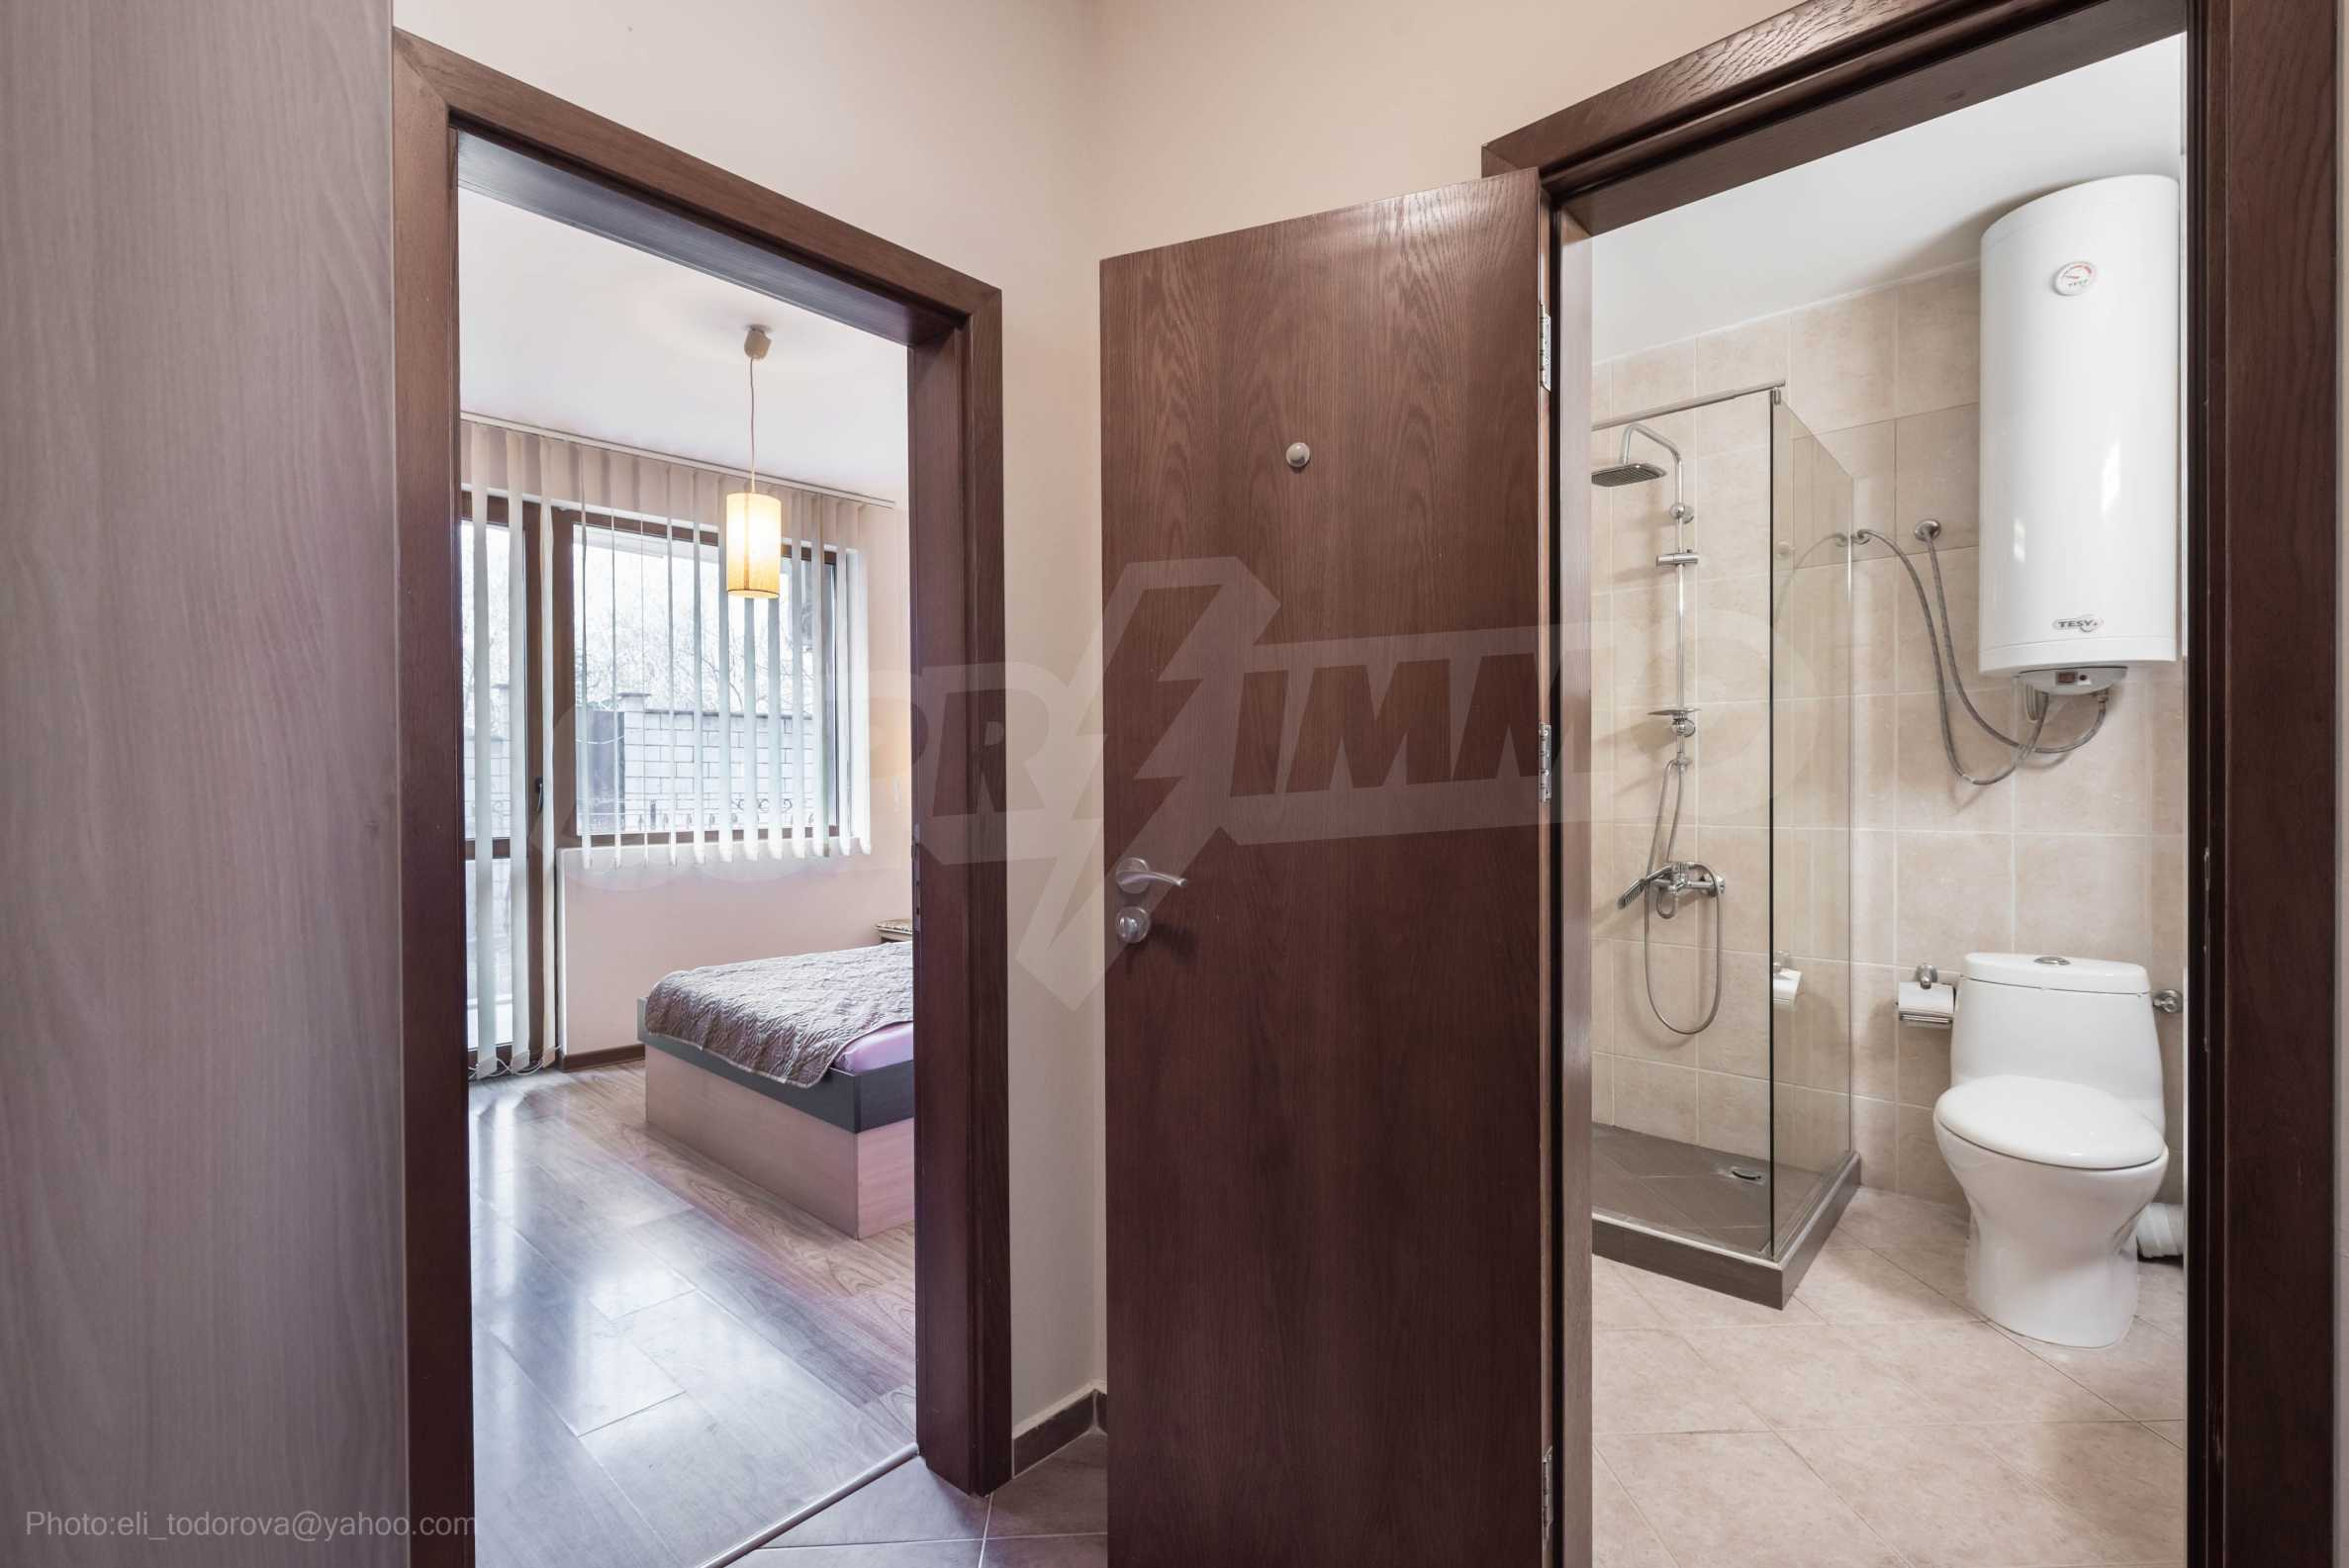 Апартамент  ИНА  14